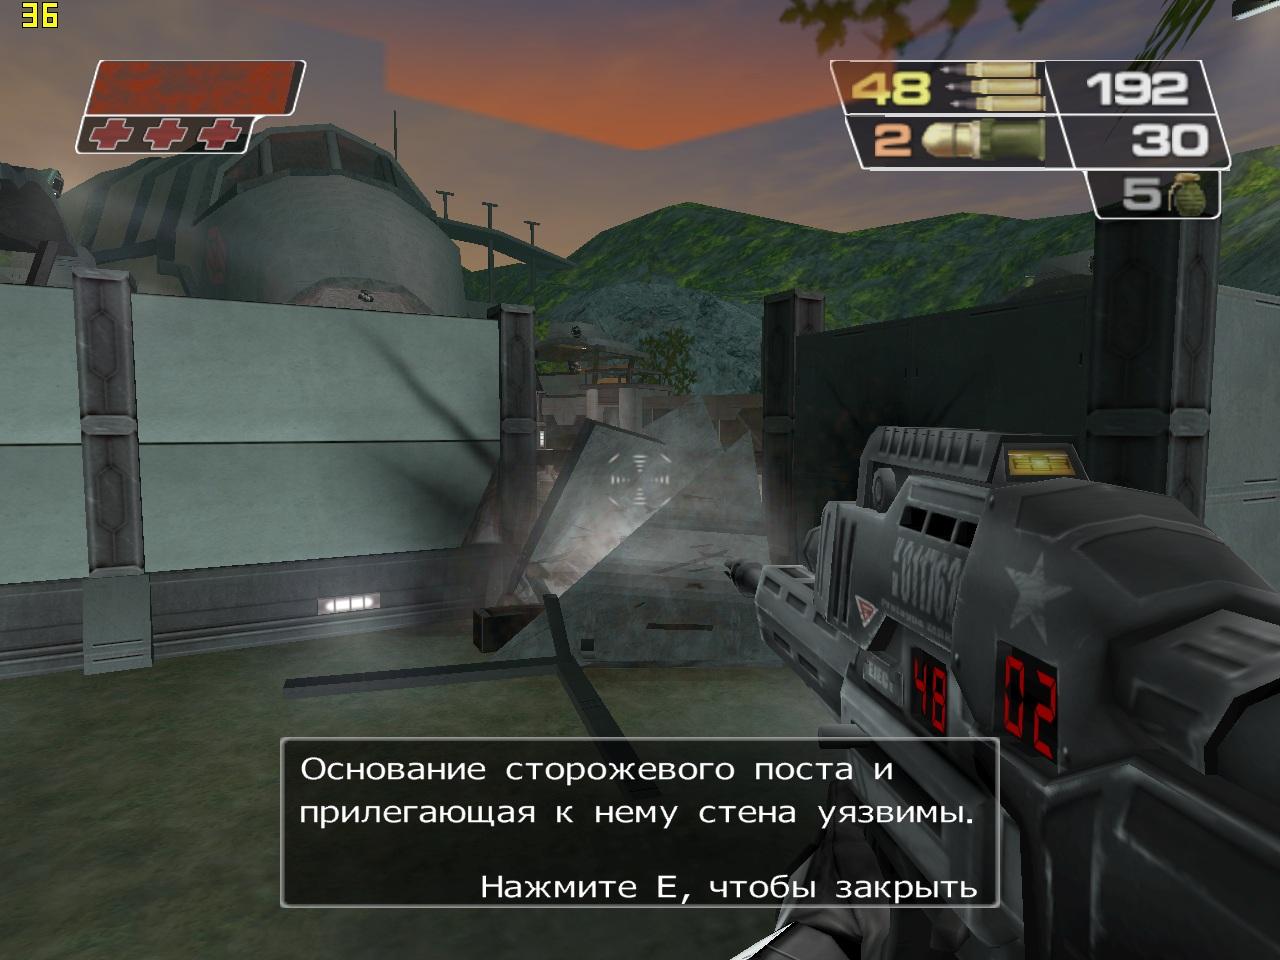 Скачать игры 2003 года на пк c торрента бесплатно без регистрации.